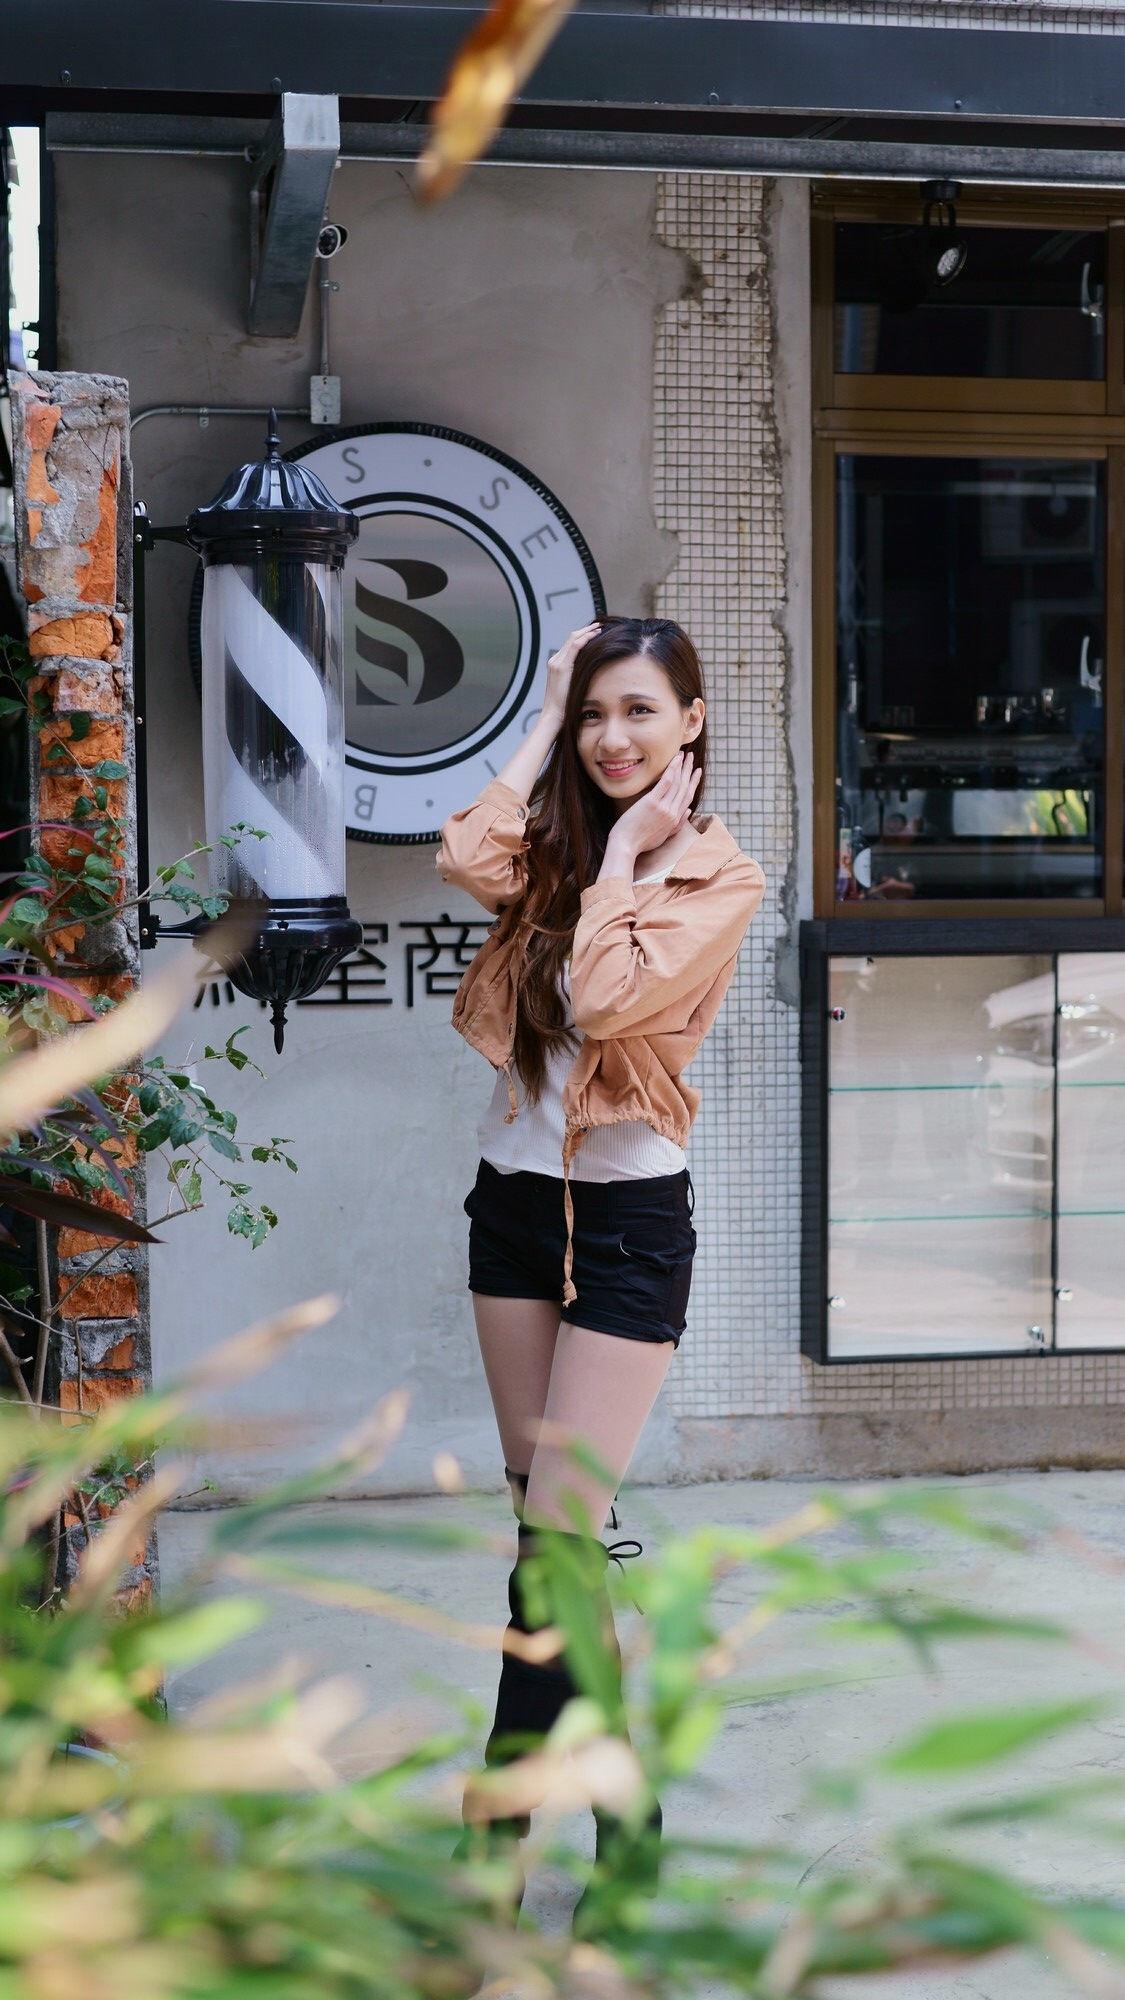 ニーハイブーツを履いた台湾美女Candice 2